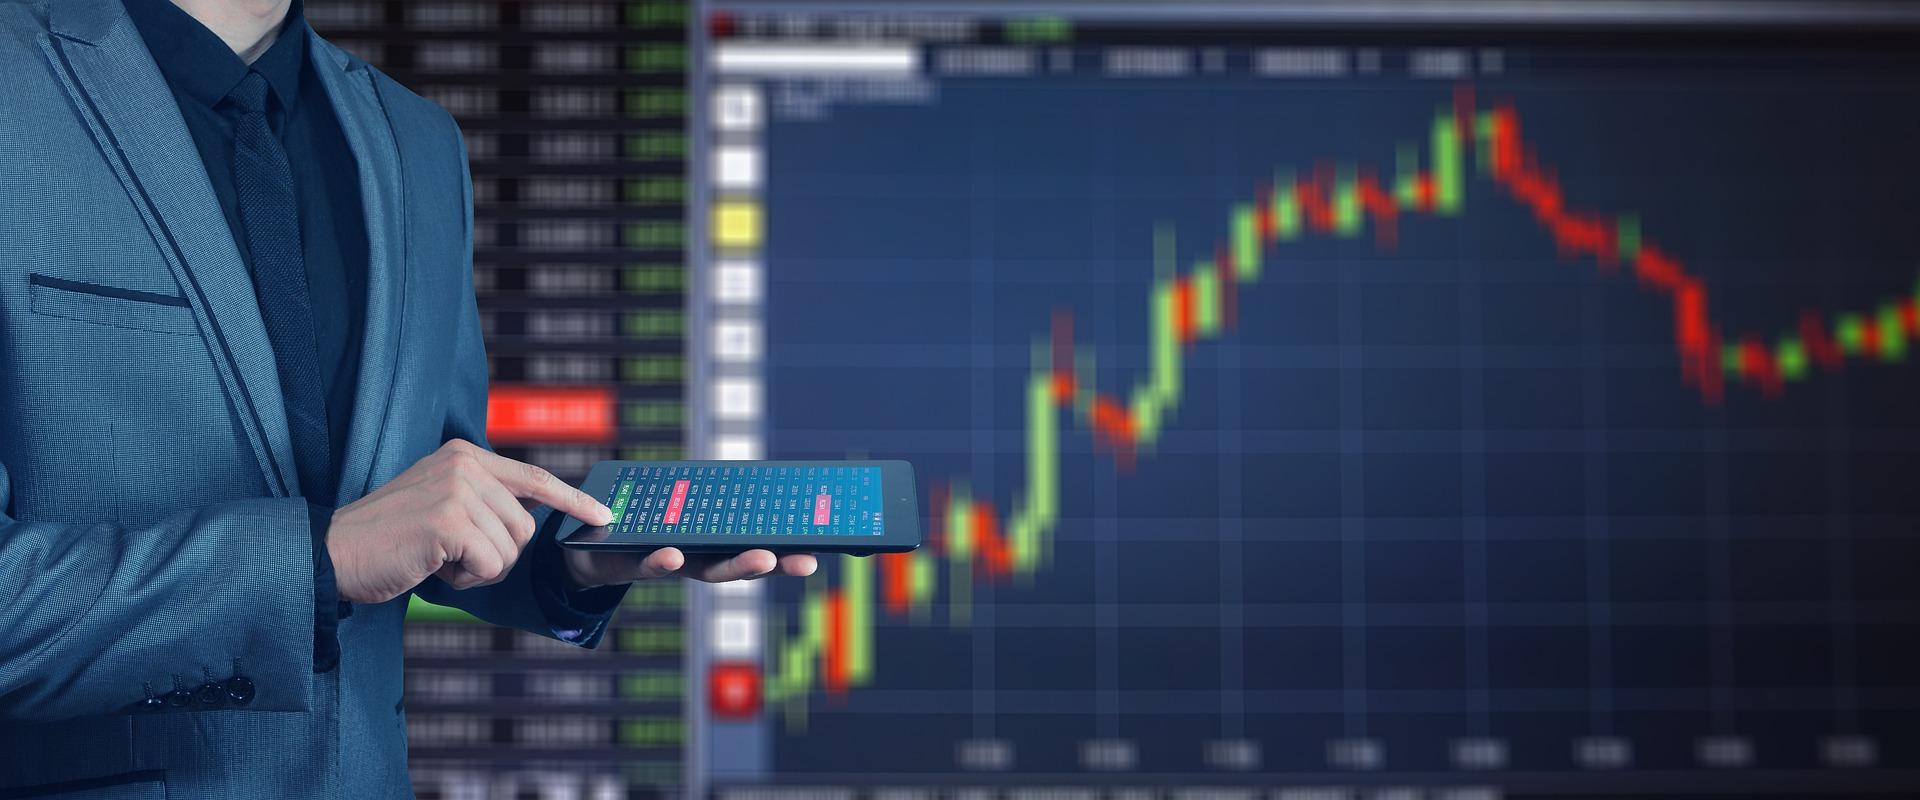 China: BC injeta 500 bi de yuans e mercado encerra em alta